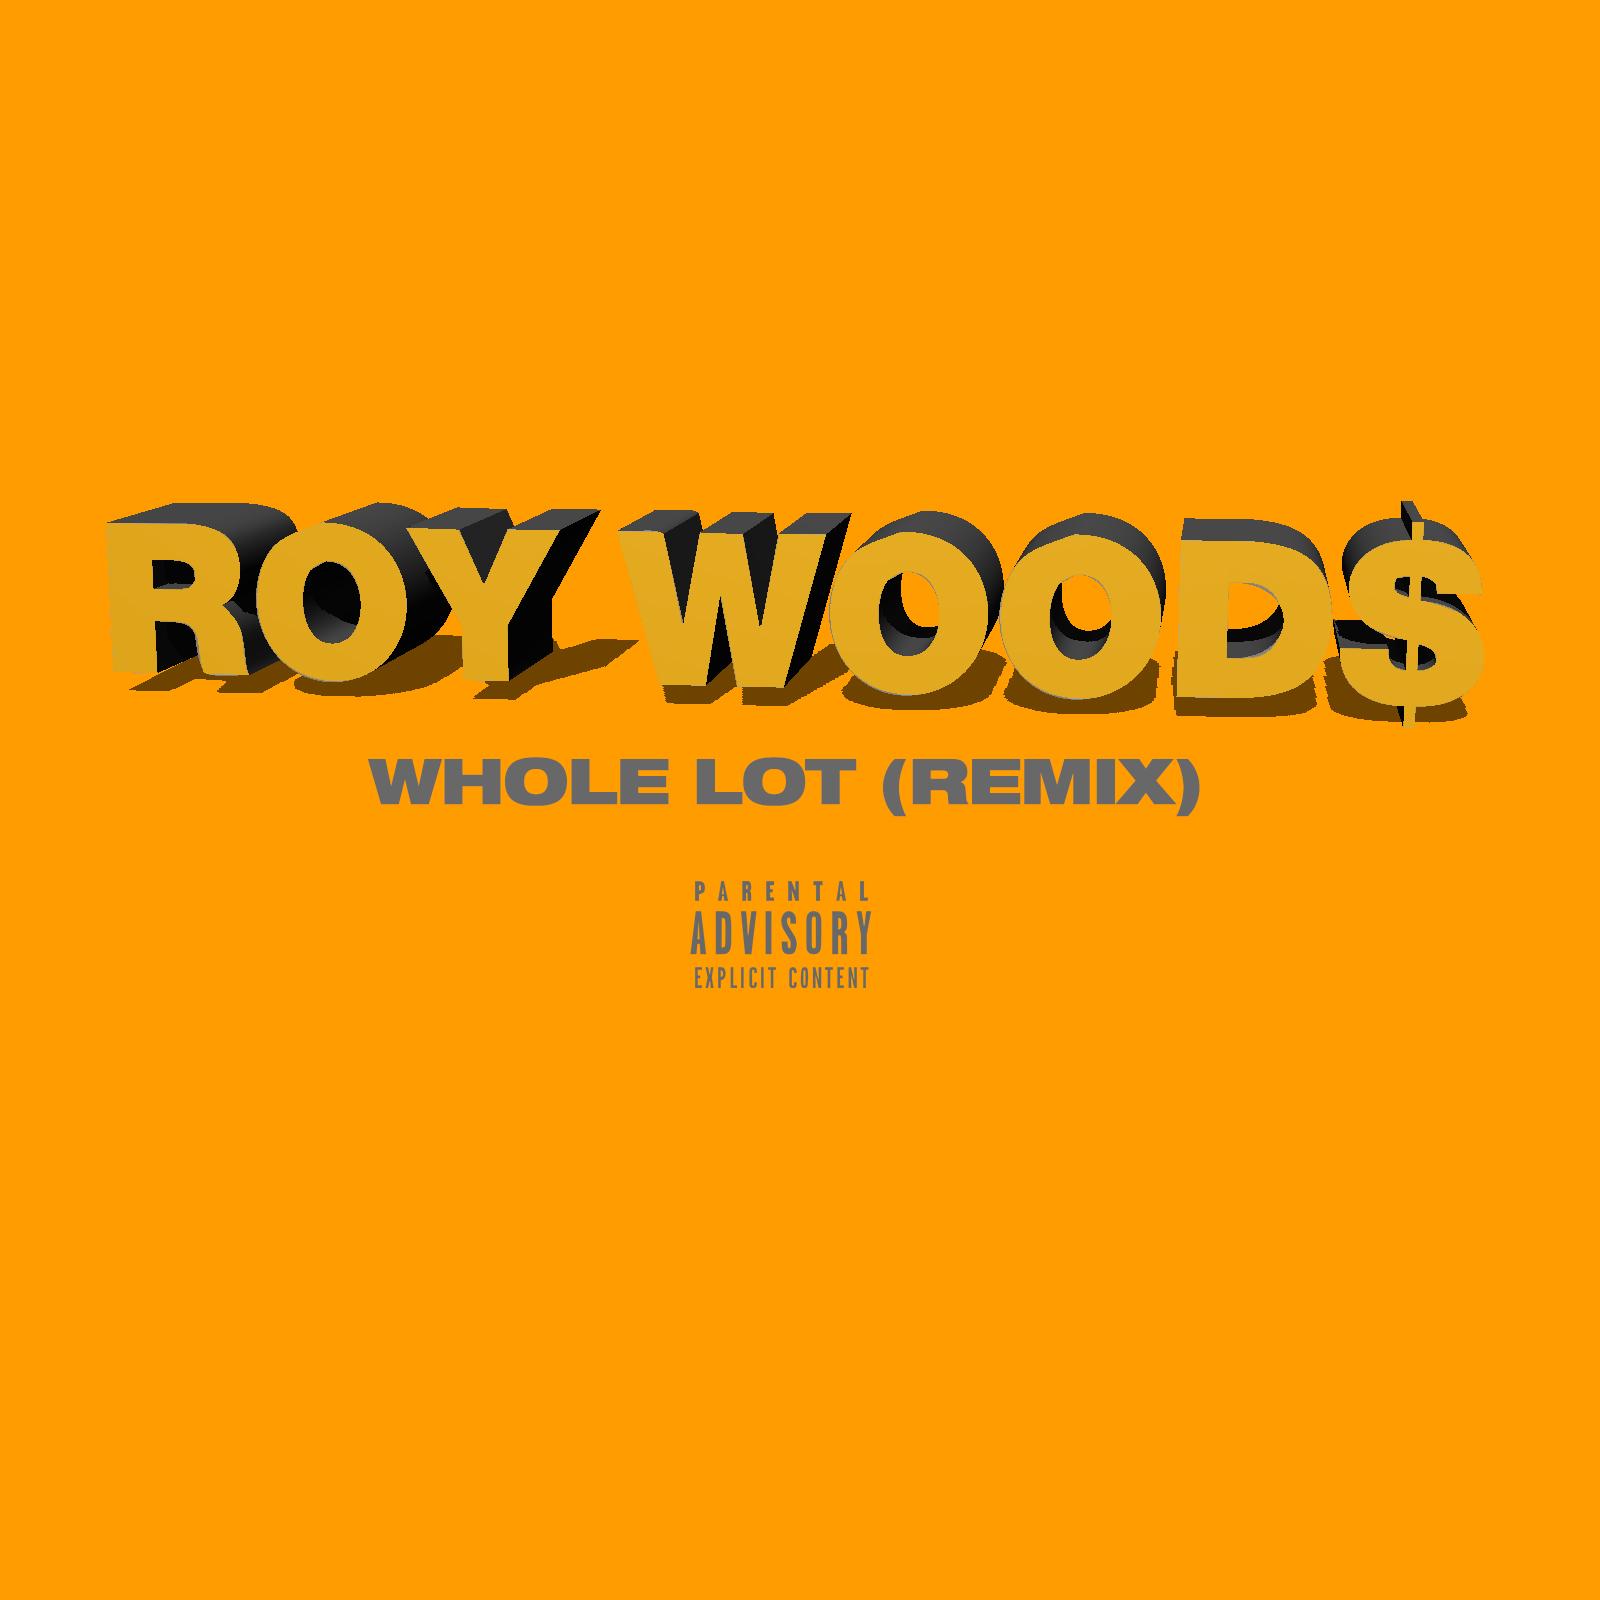 Roy-Woods-Whole-Lot